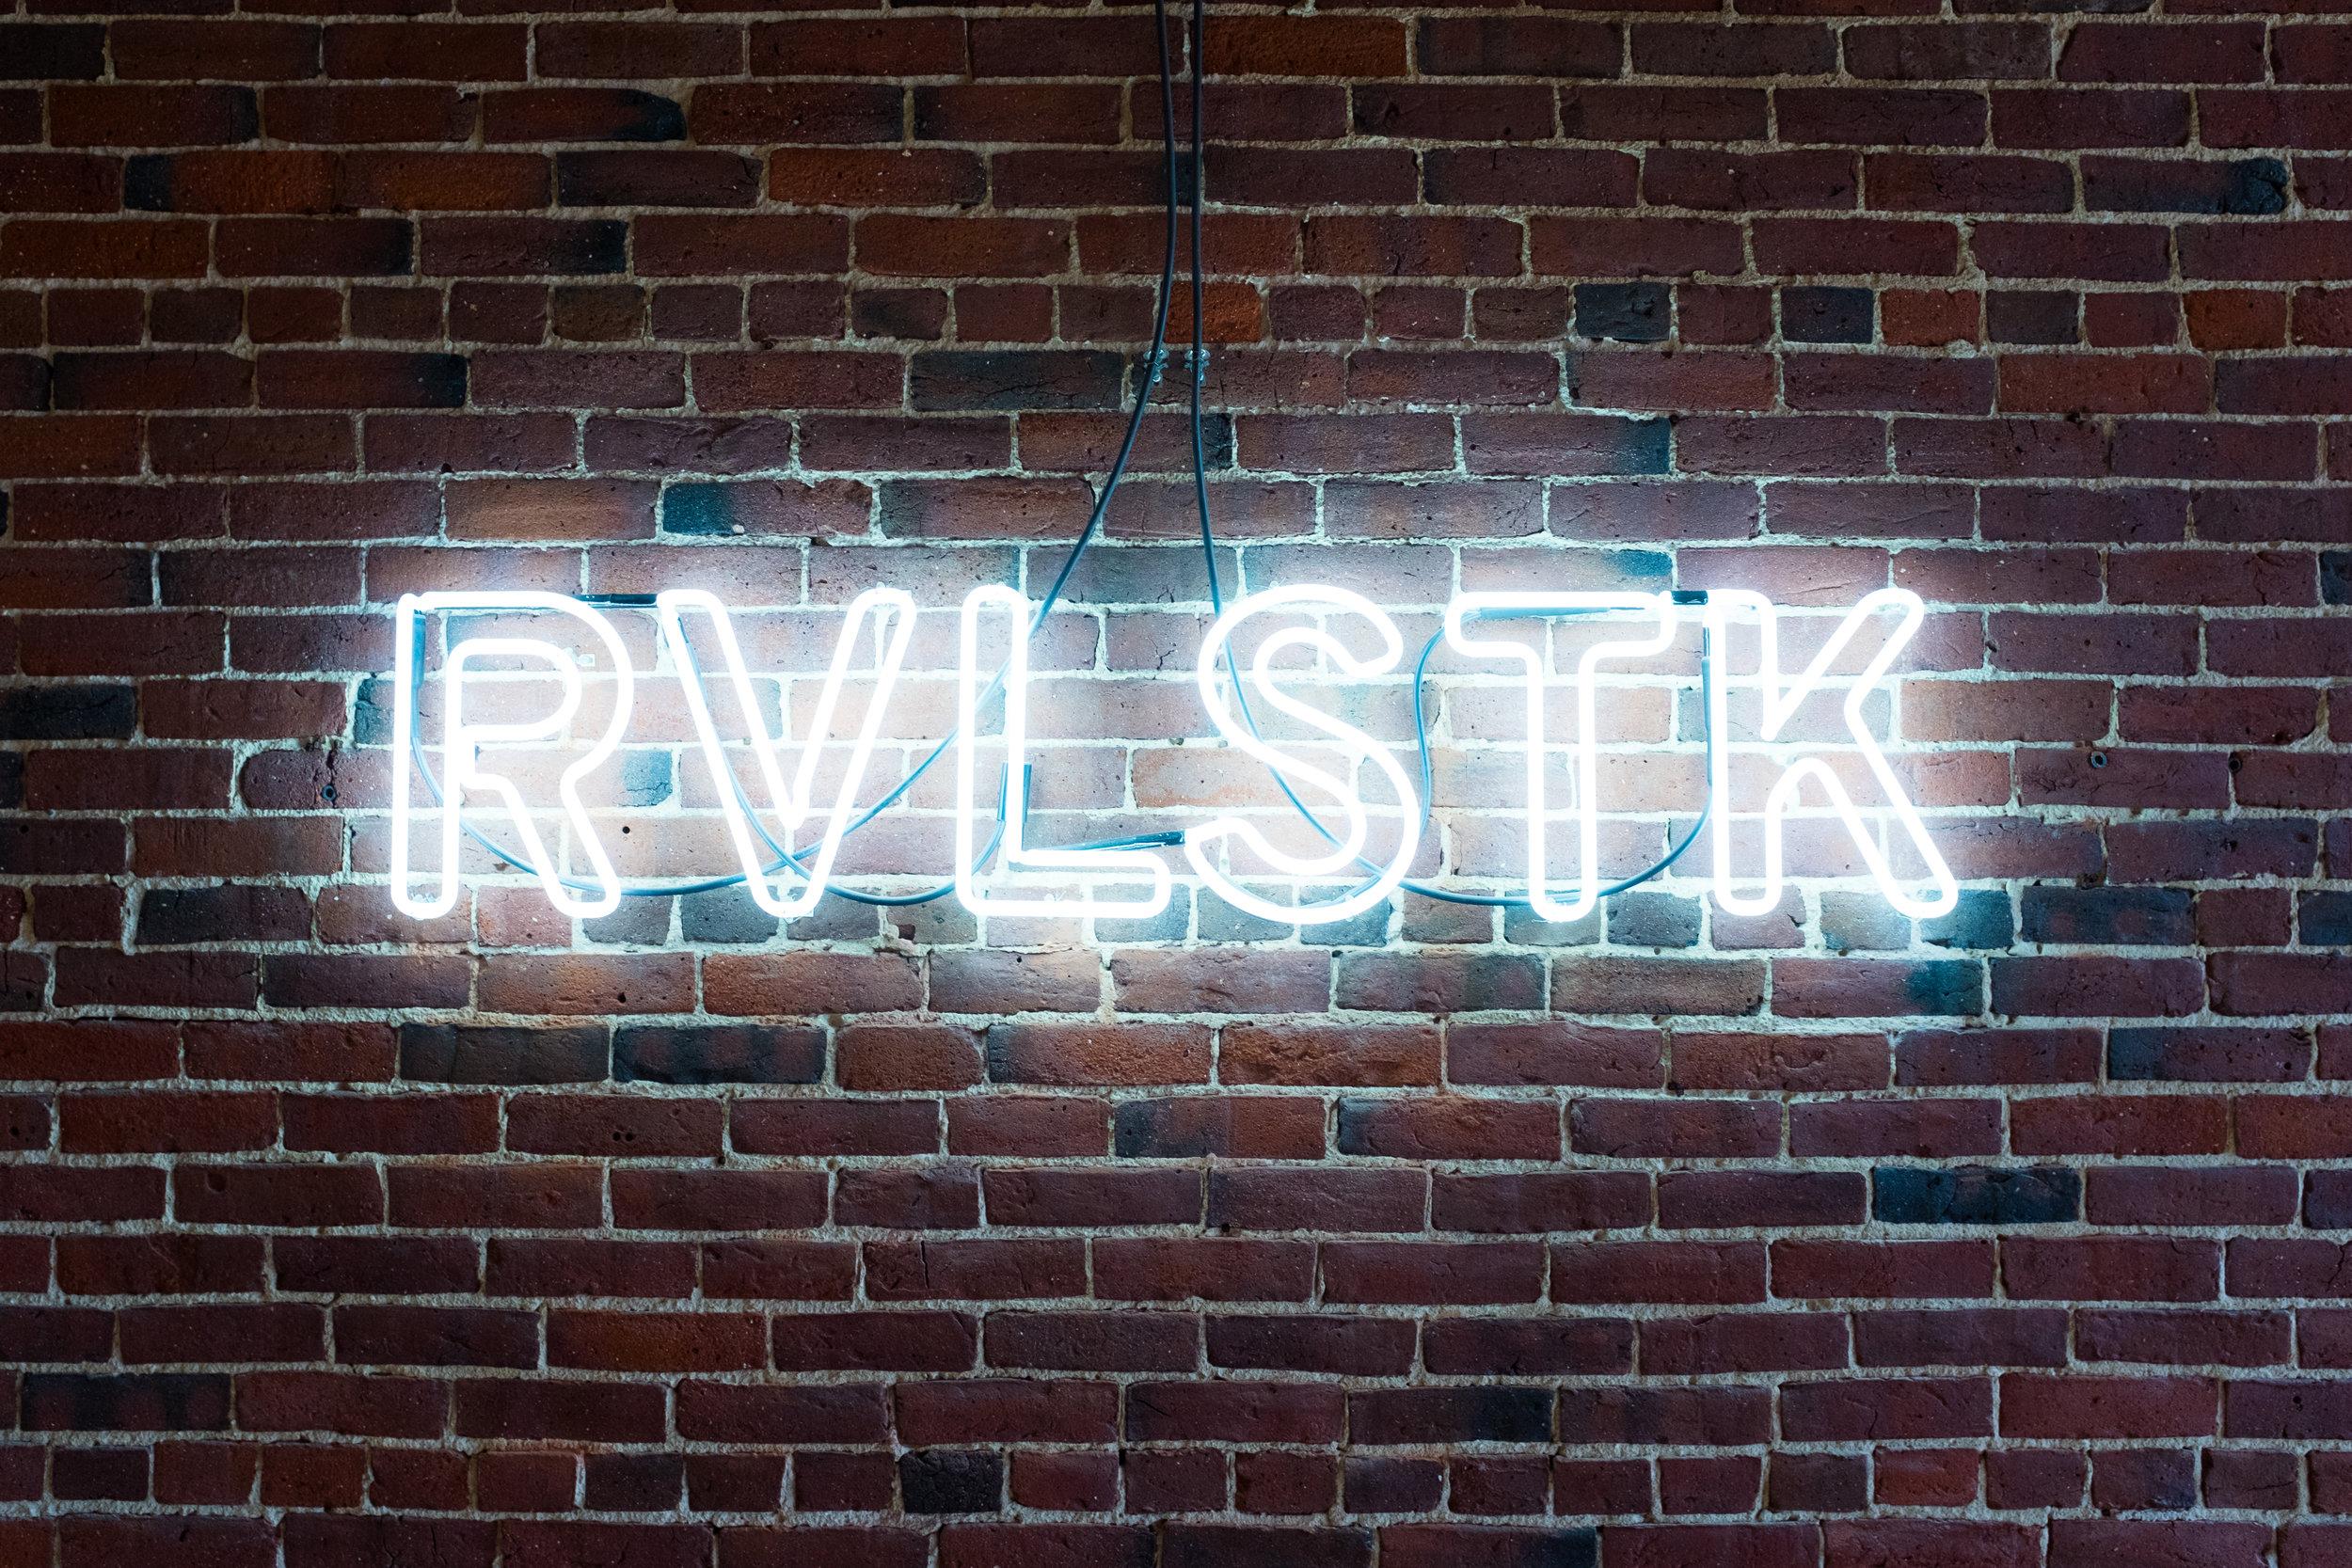 RVLSTK-5.jpg